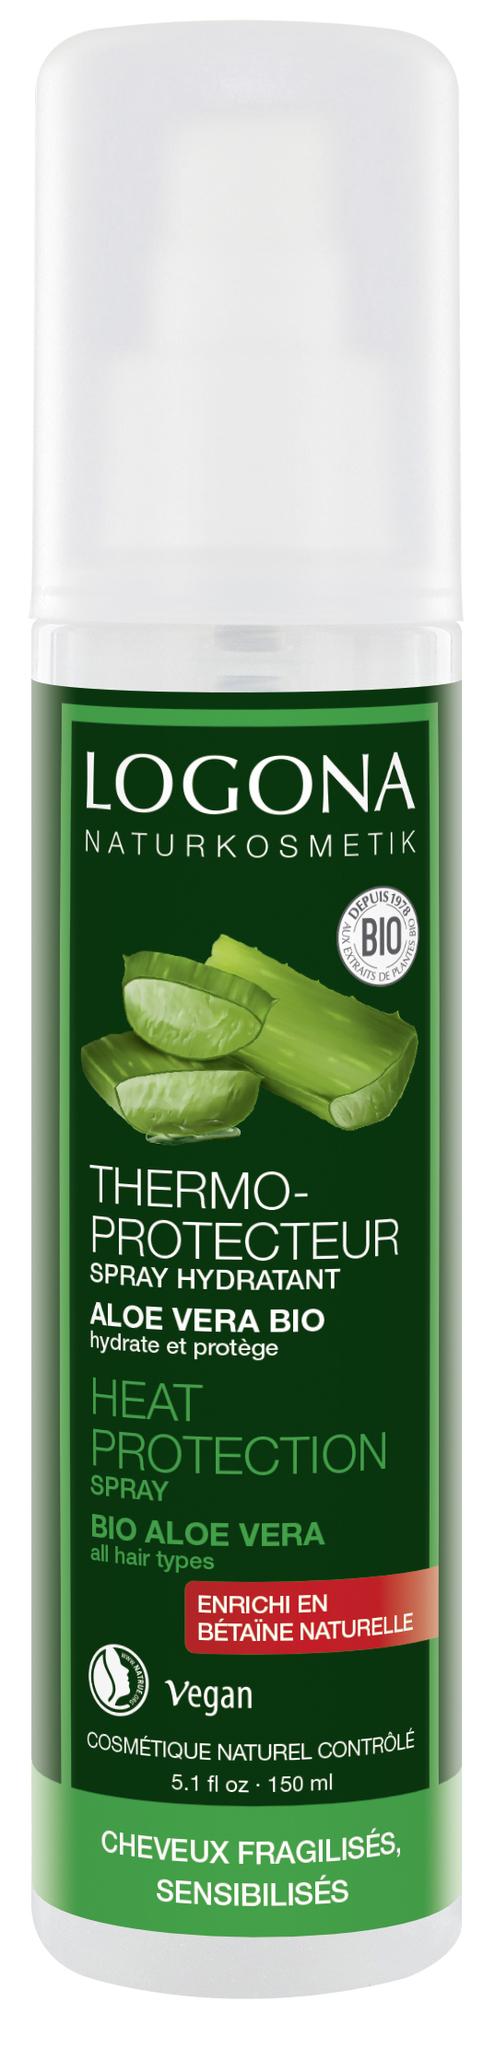 LOGONA Натуральный спрей-термозащита для волос с Био-Алоэ Вера